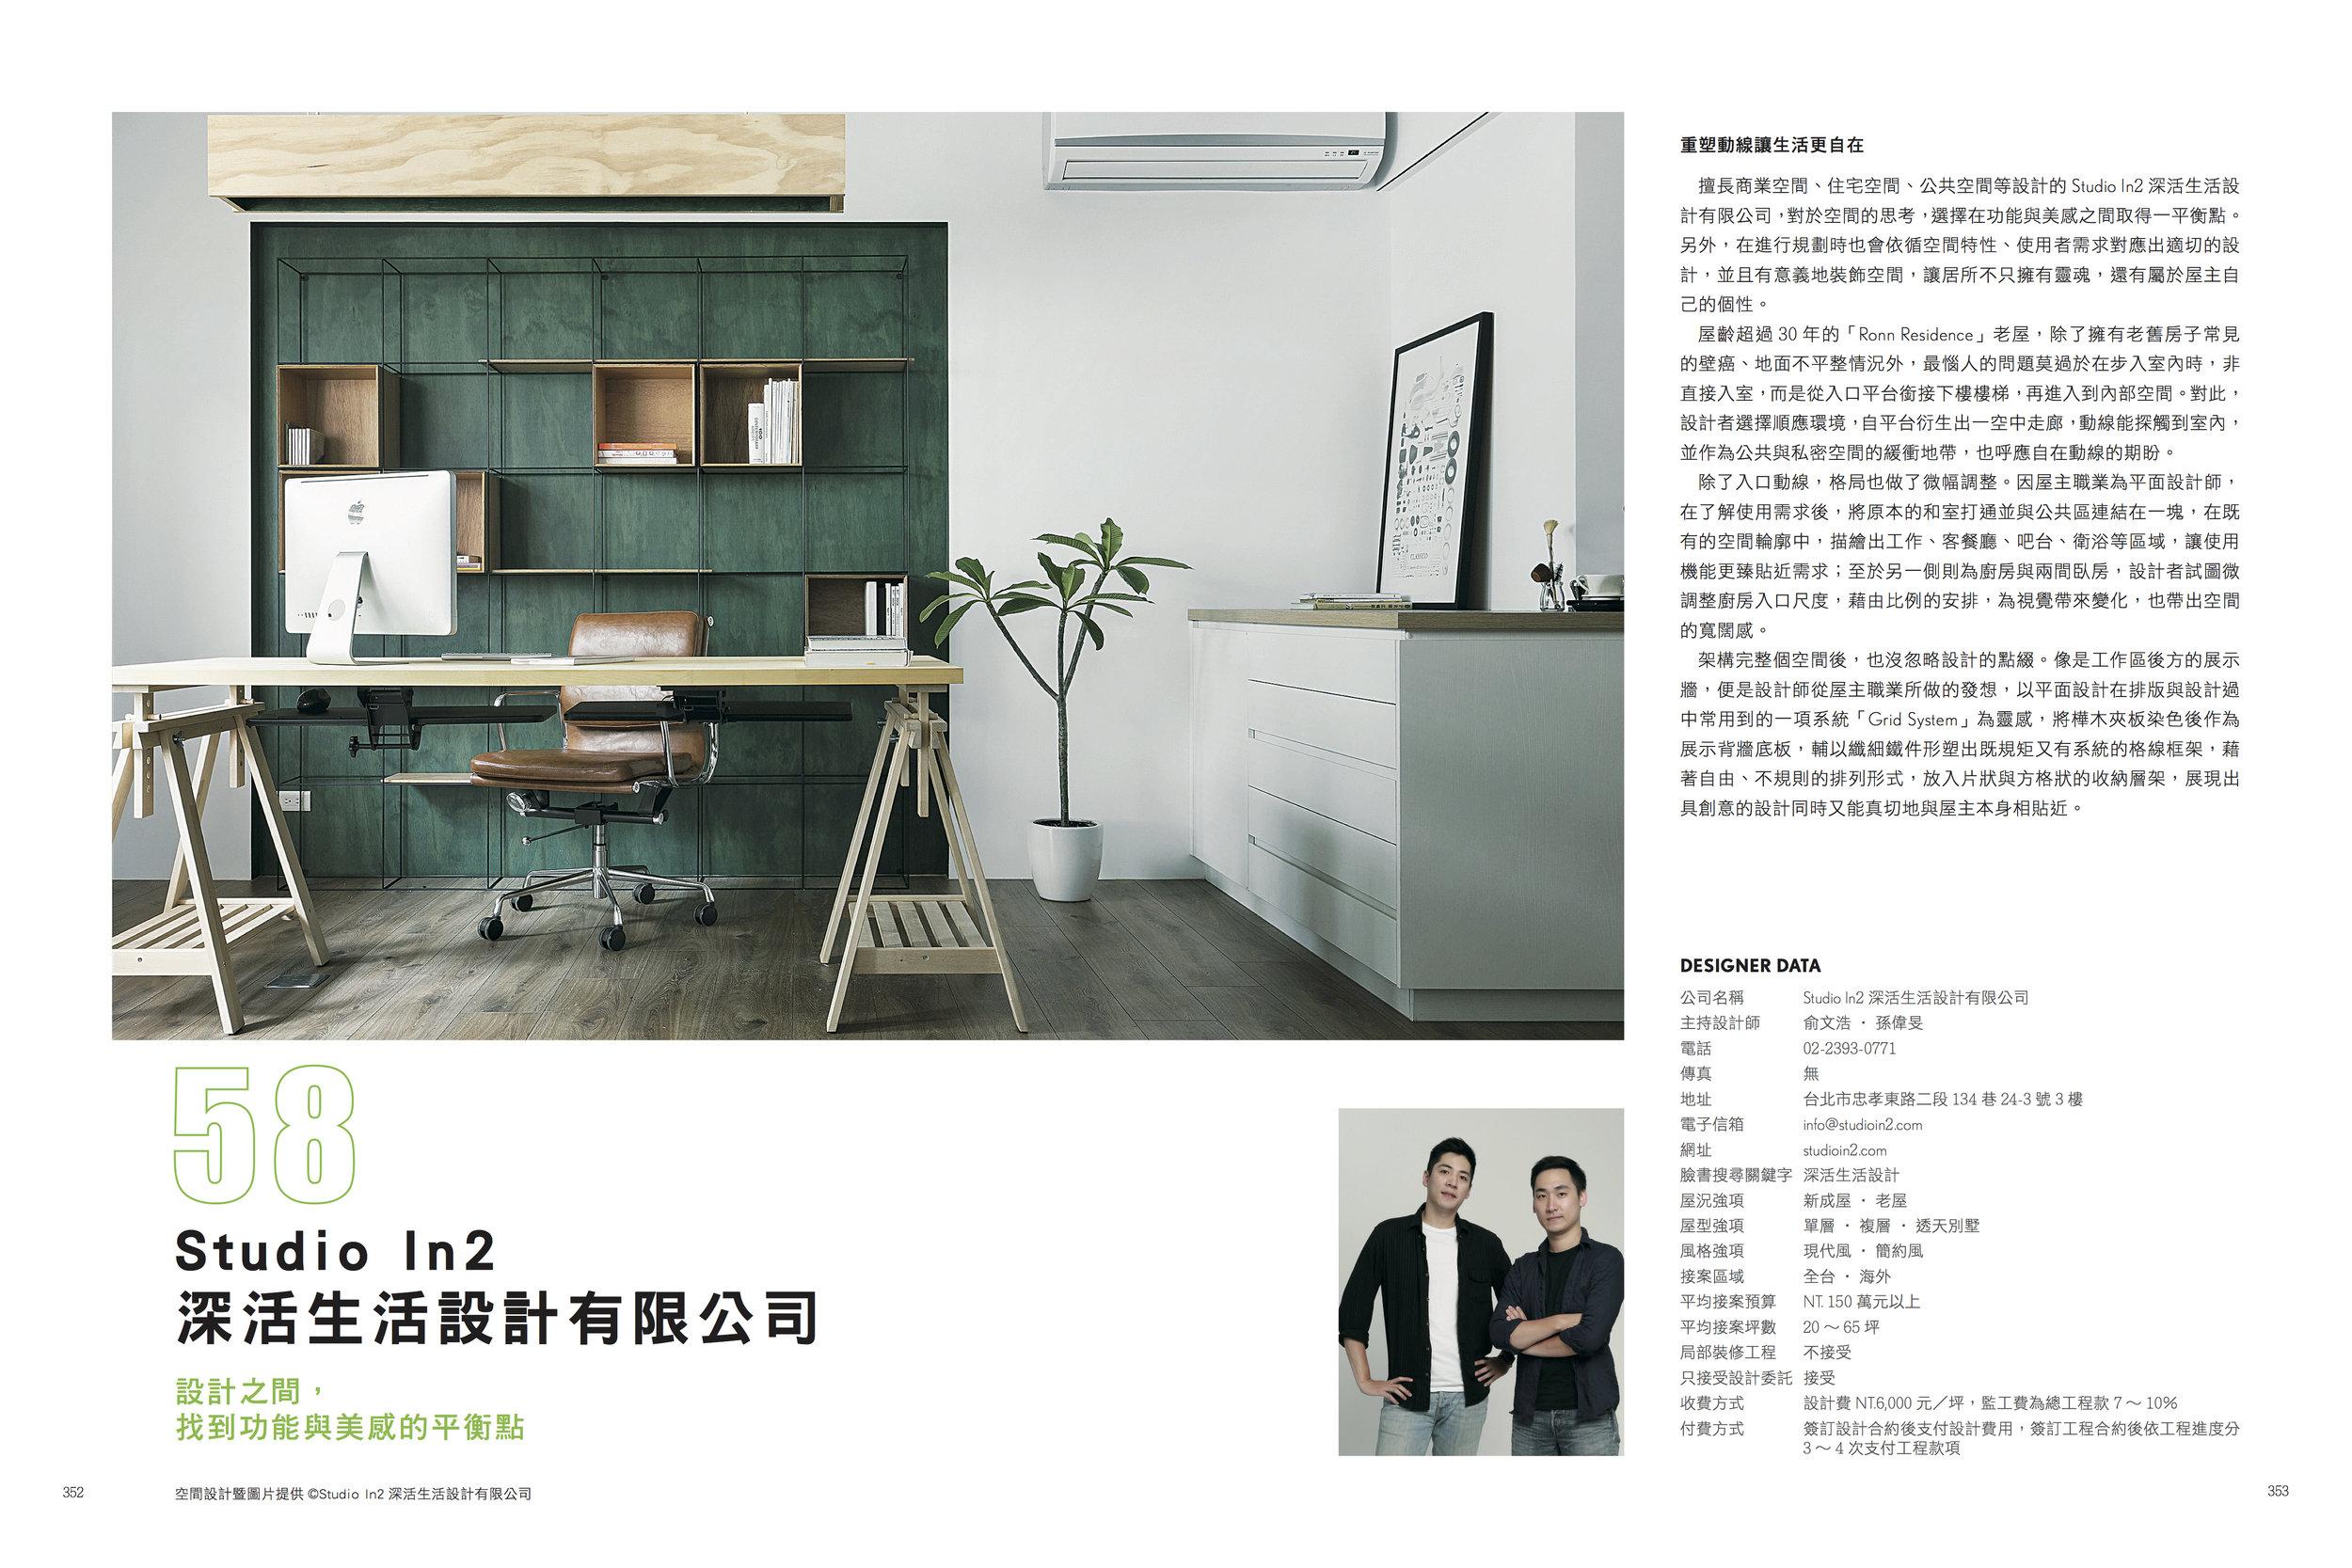 2019百大設計師_Studio In2 深活生活設計有限公司.jpg